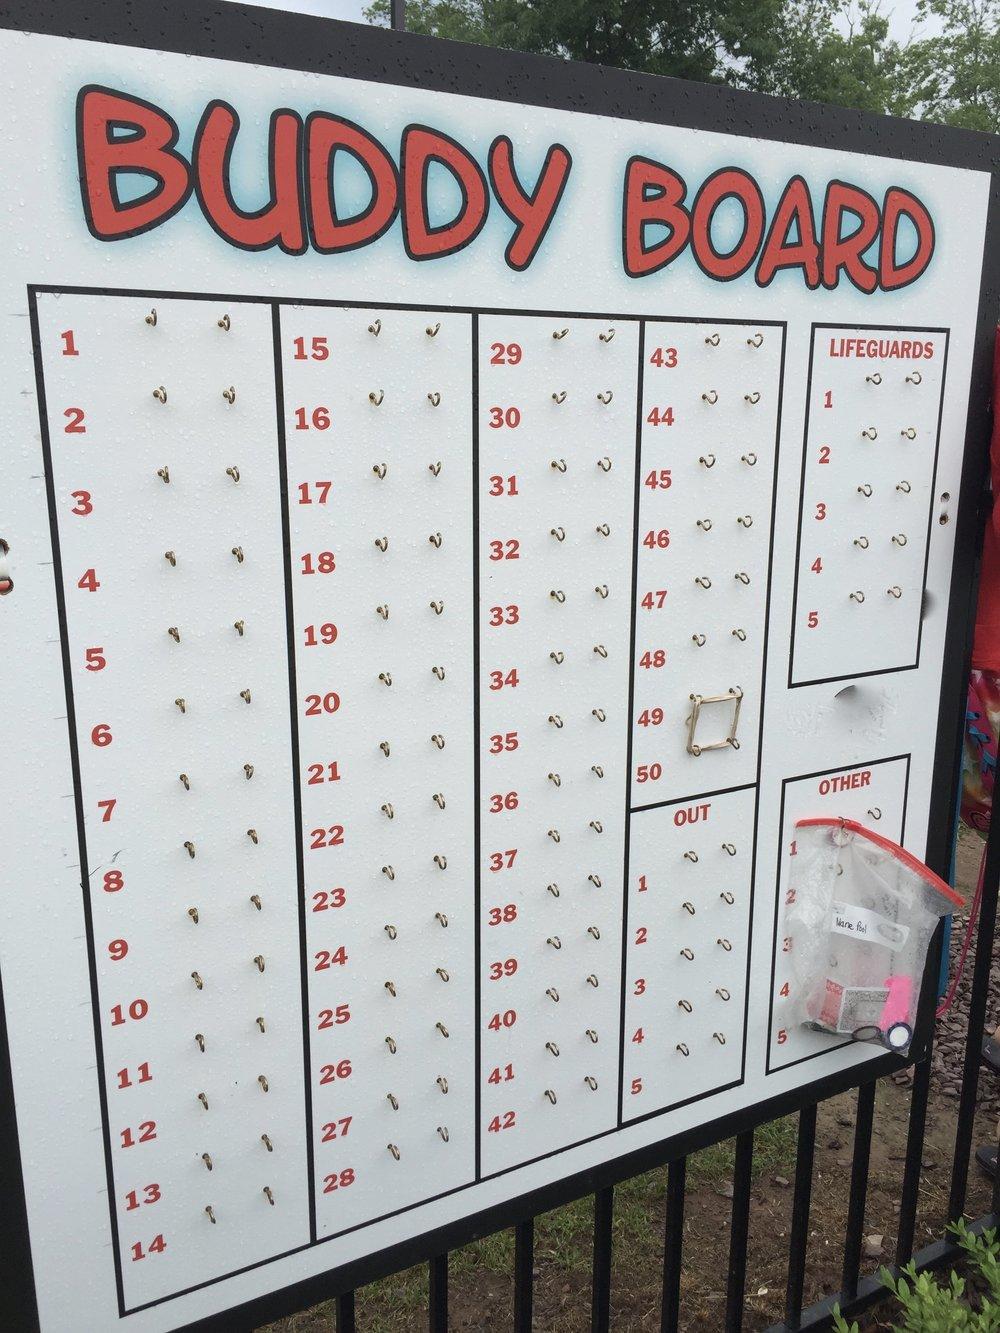 LSE Camp buddyboard2 mgmt-min.jpeg